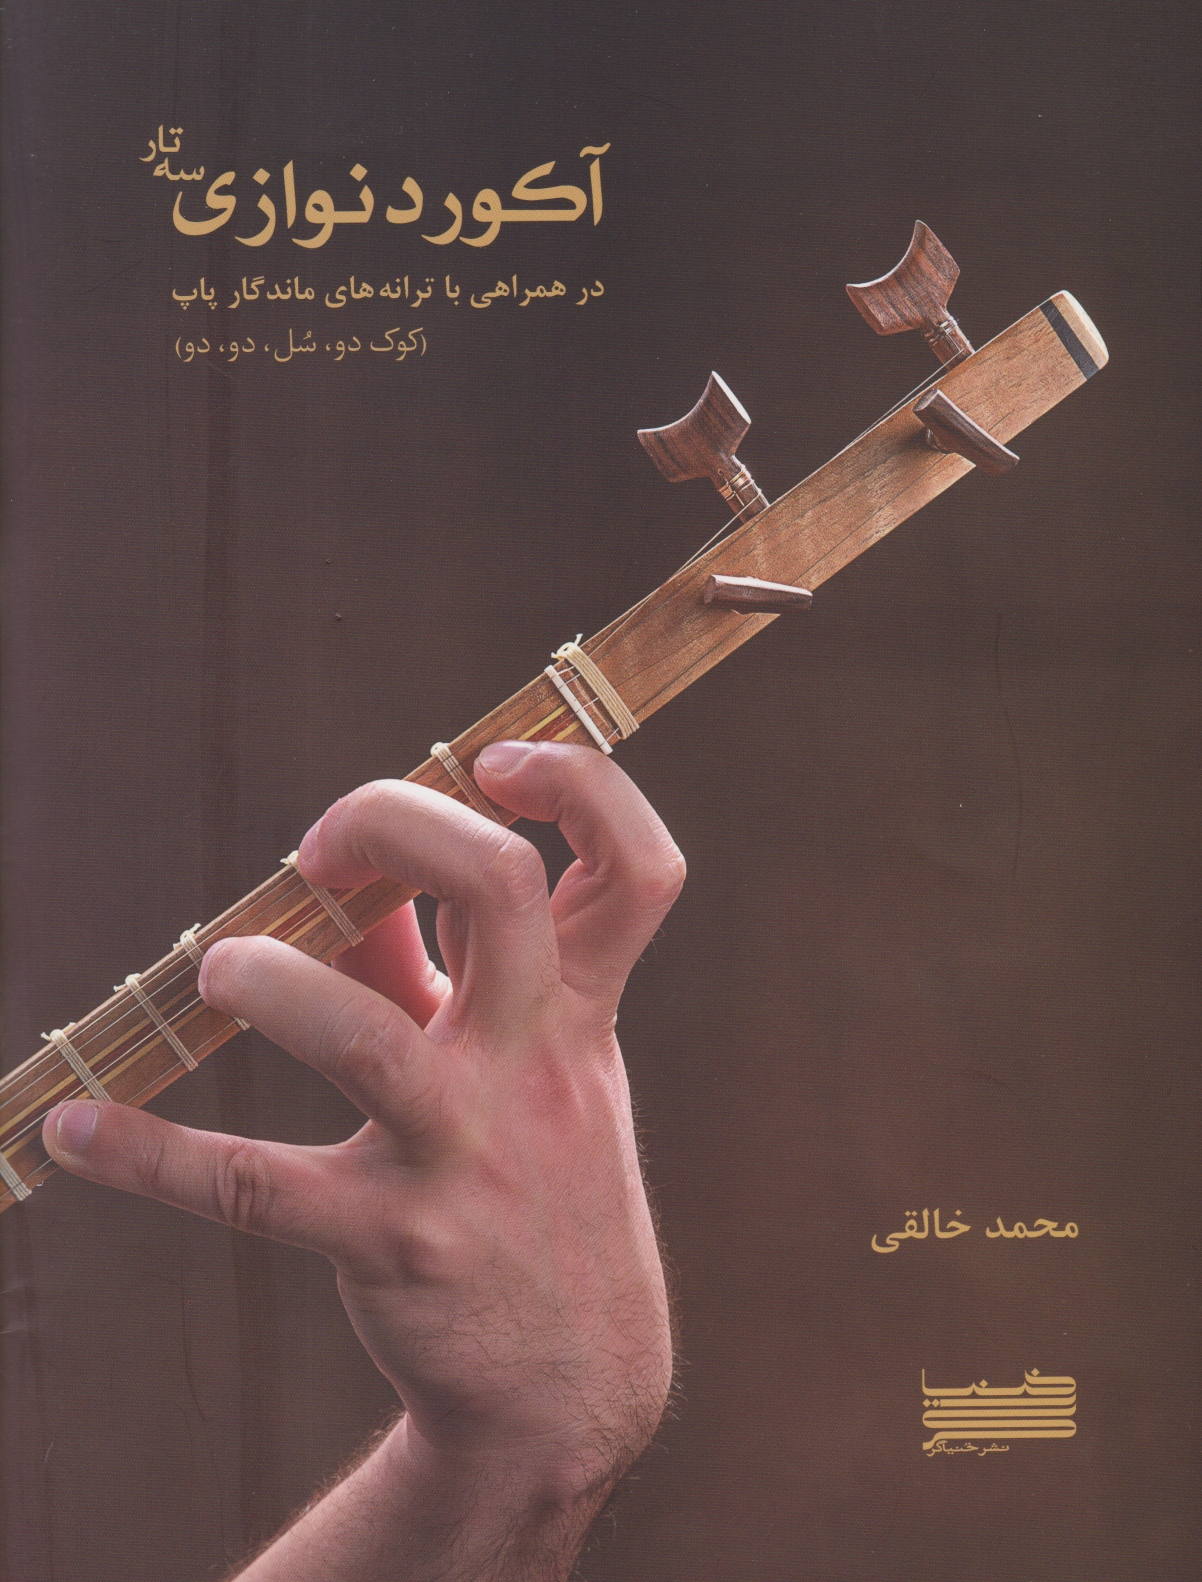 کتاب آکوردنوازی سهتار محمد خالقی انتشارات خنیاگر